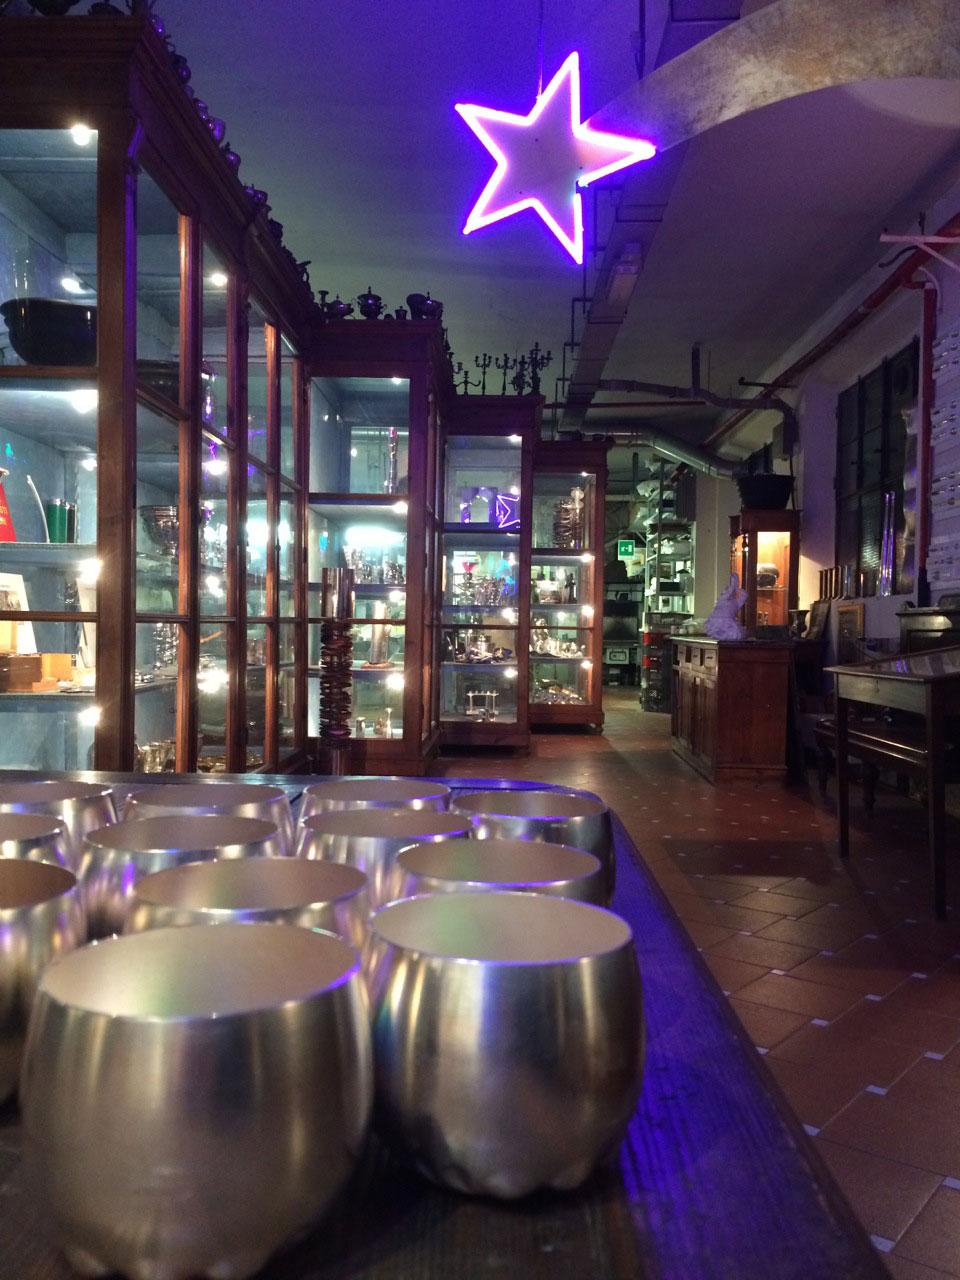 Sobre a mesa, copos de prata onde oferecem uma taça de vinho branco. Foto Robbie Leone